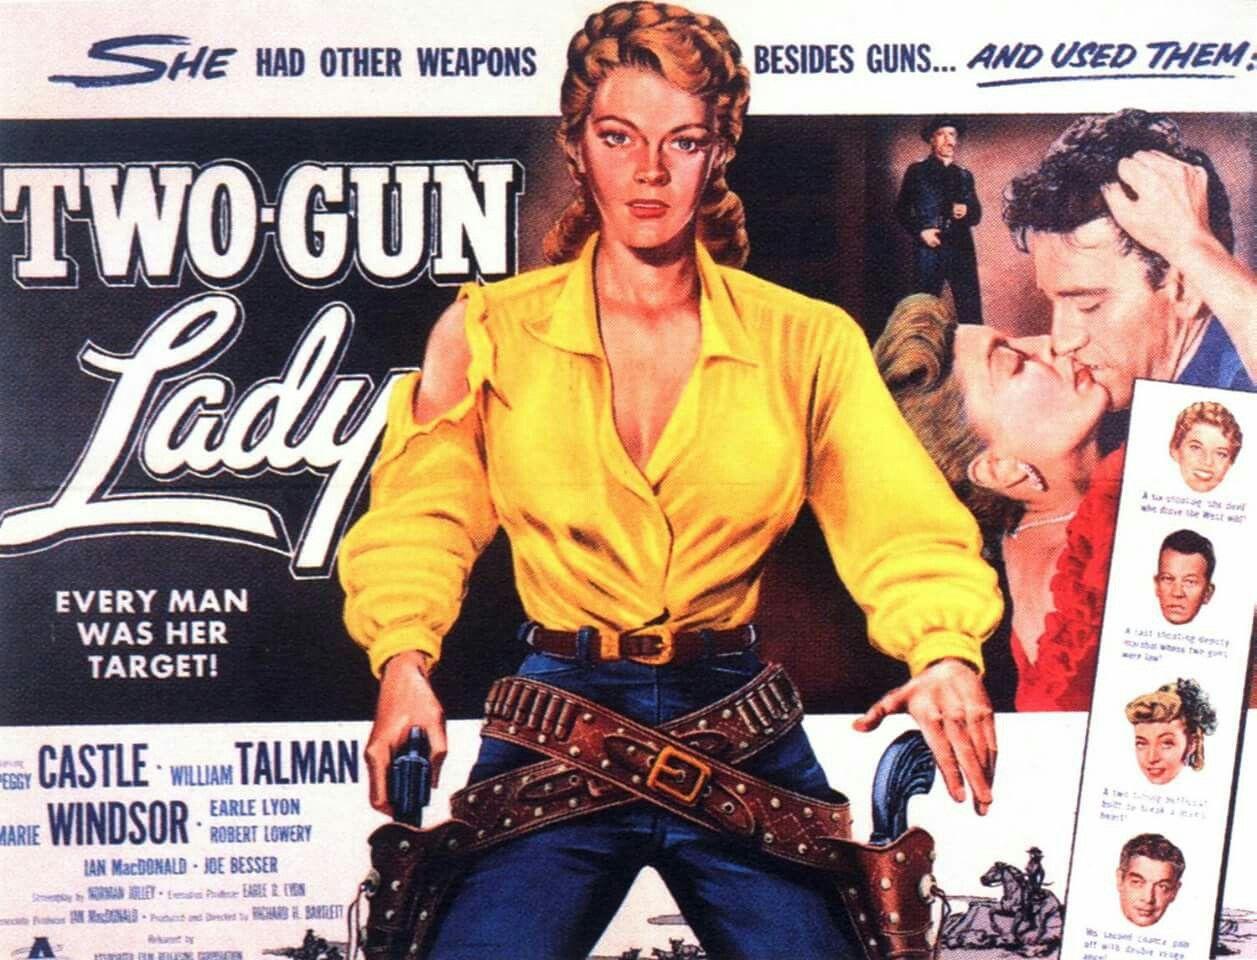 Two Gun Lady